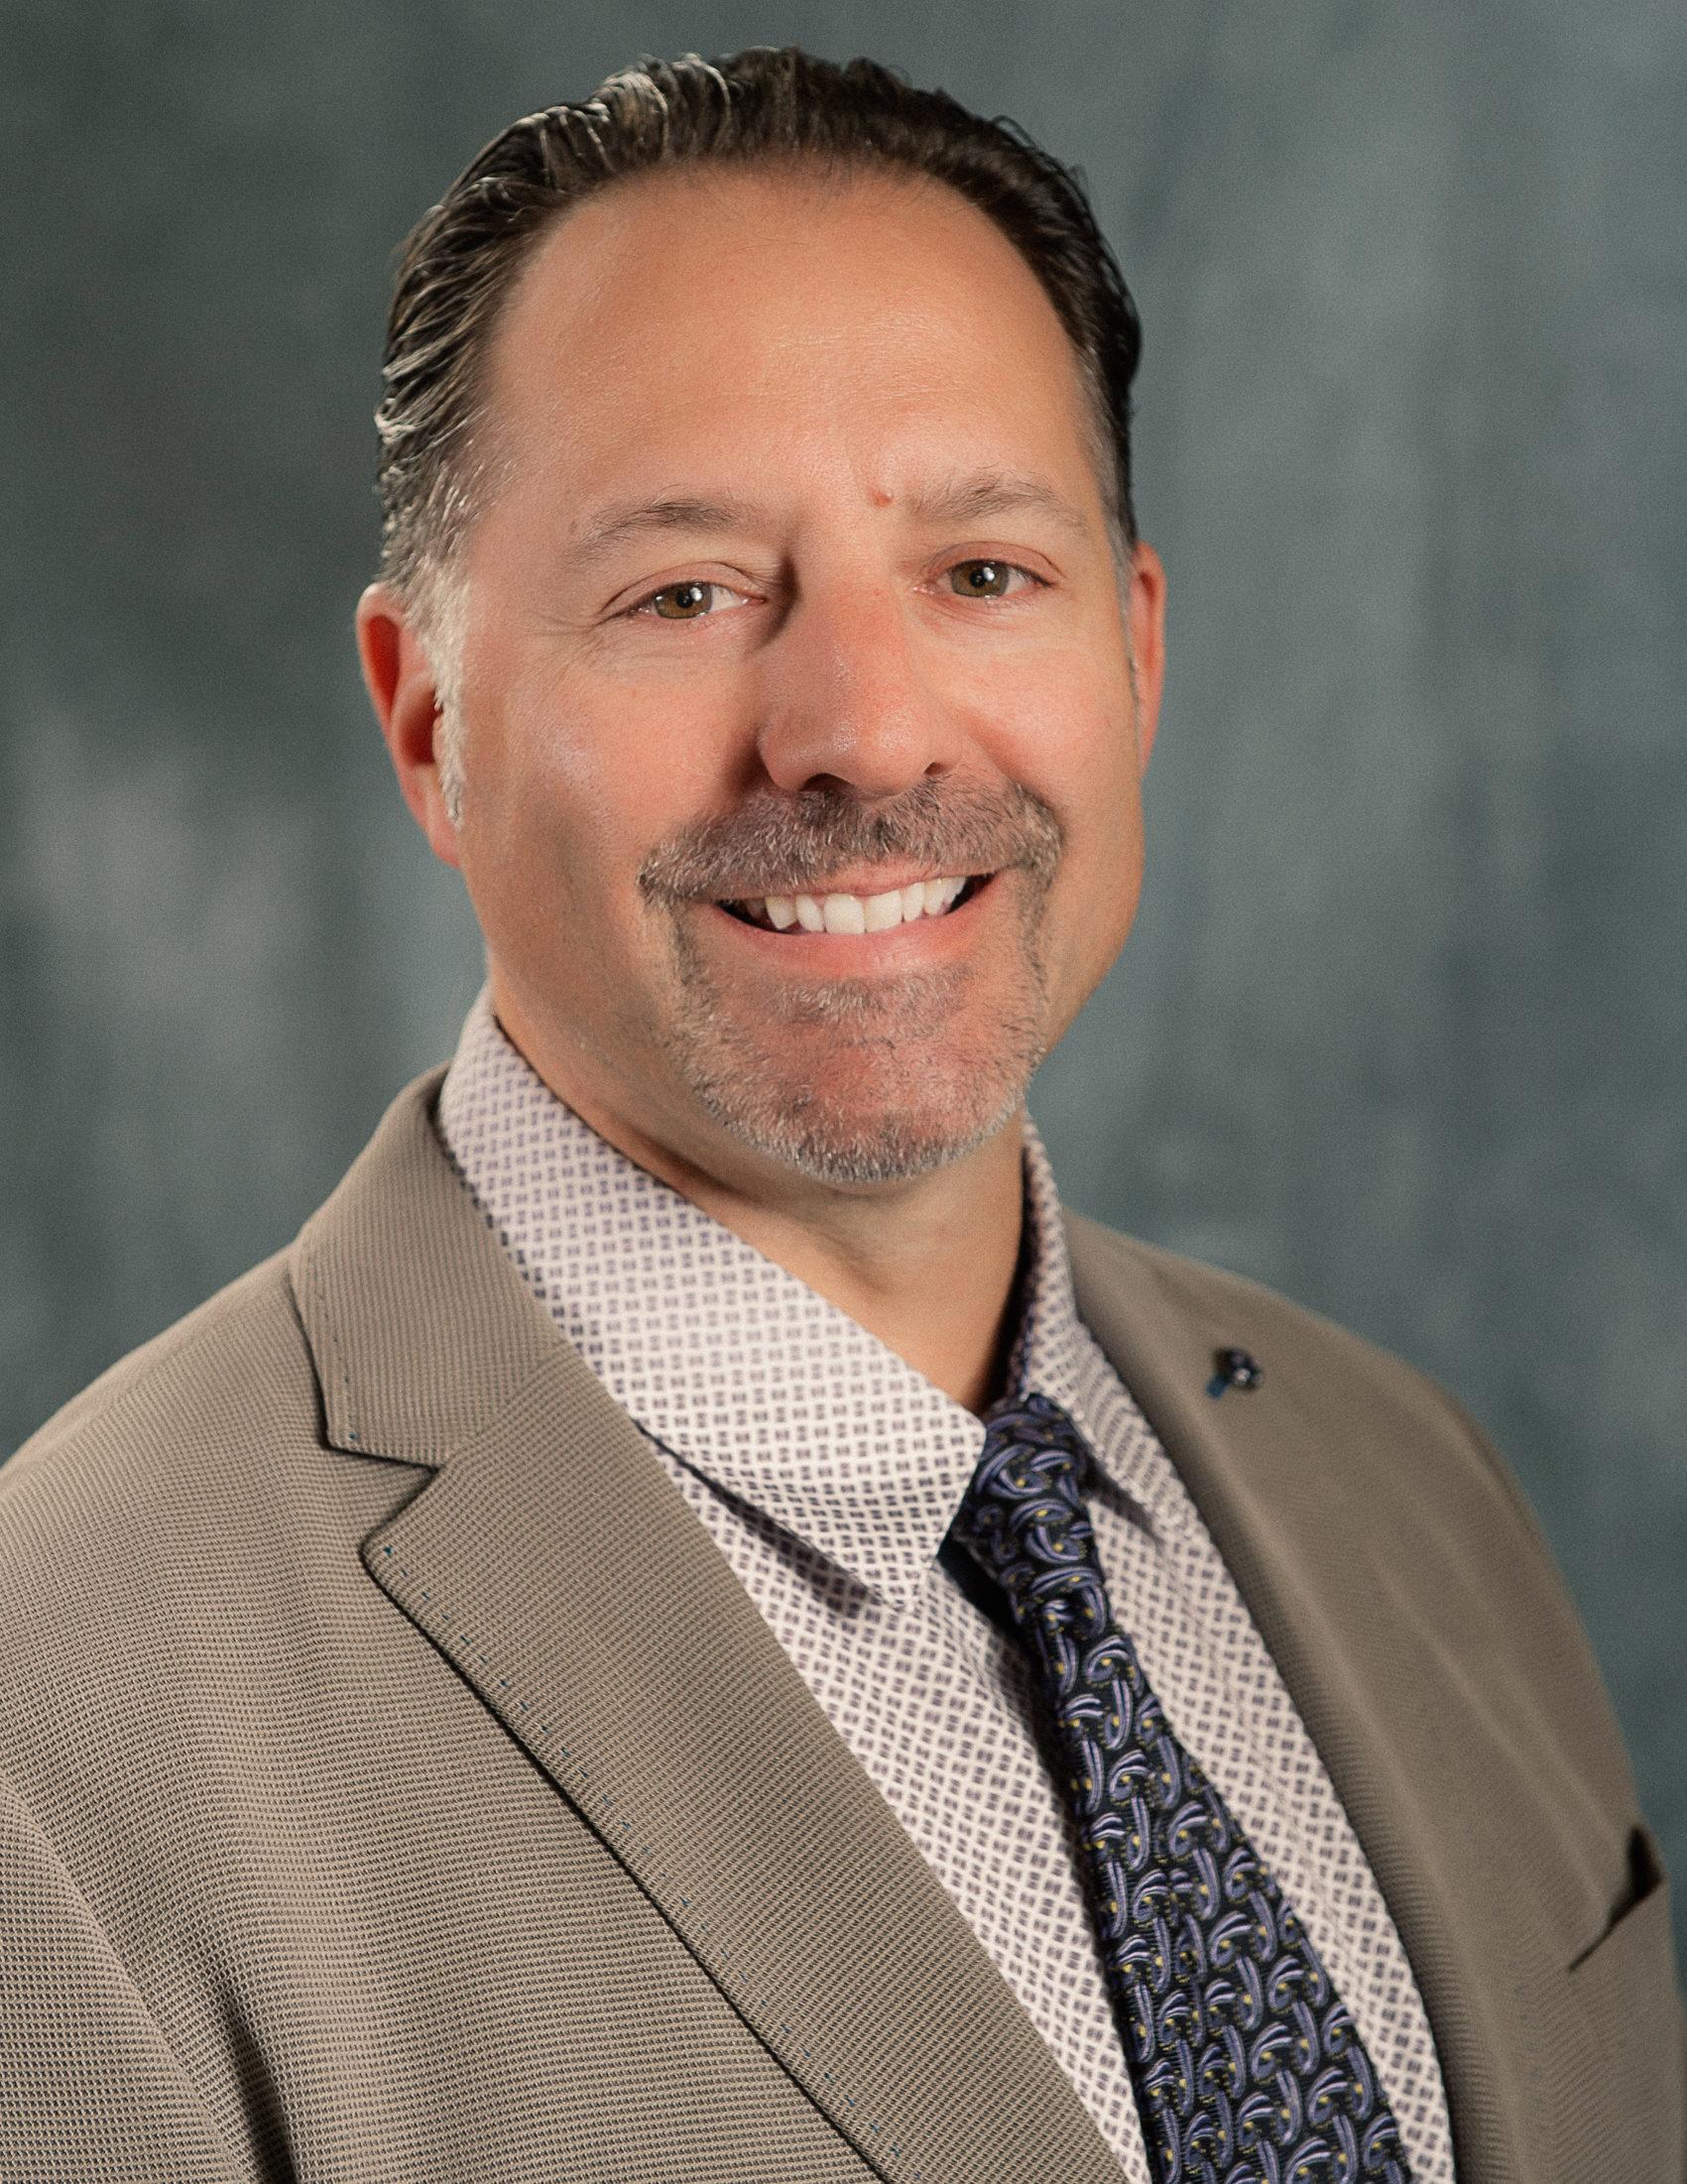 Damien C. Macaluso, M.D.